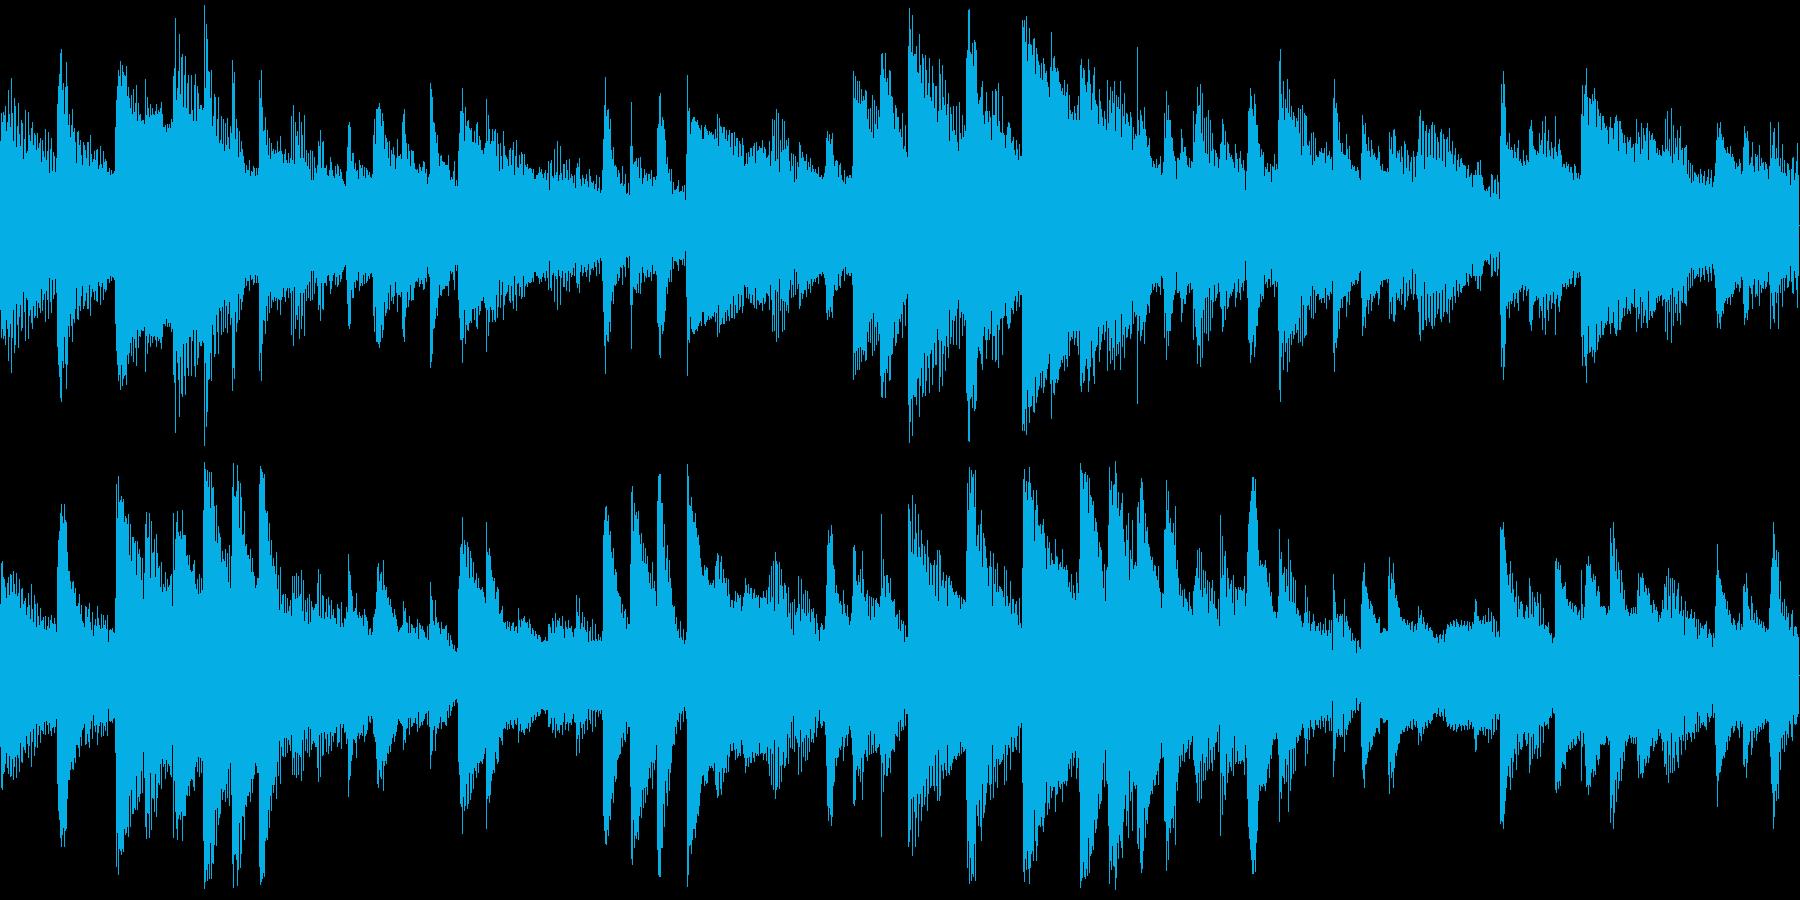 柔らかな雰囲気の癒し系ピアノソロの再生済みの波形